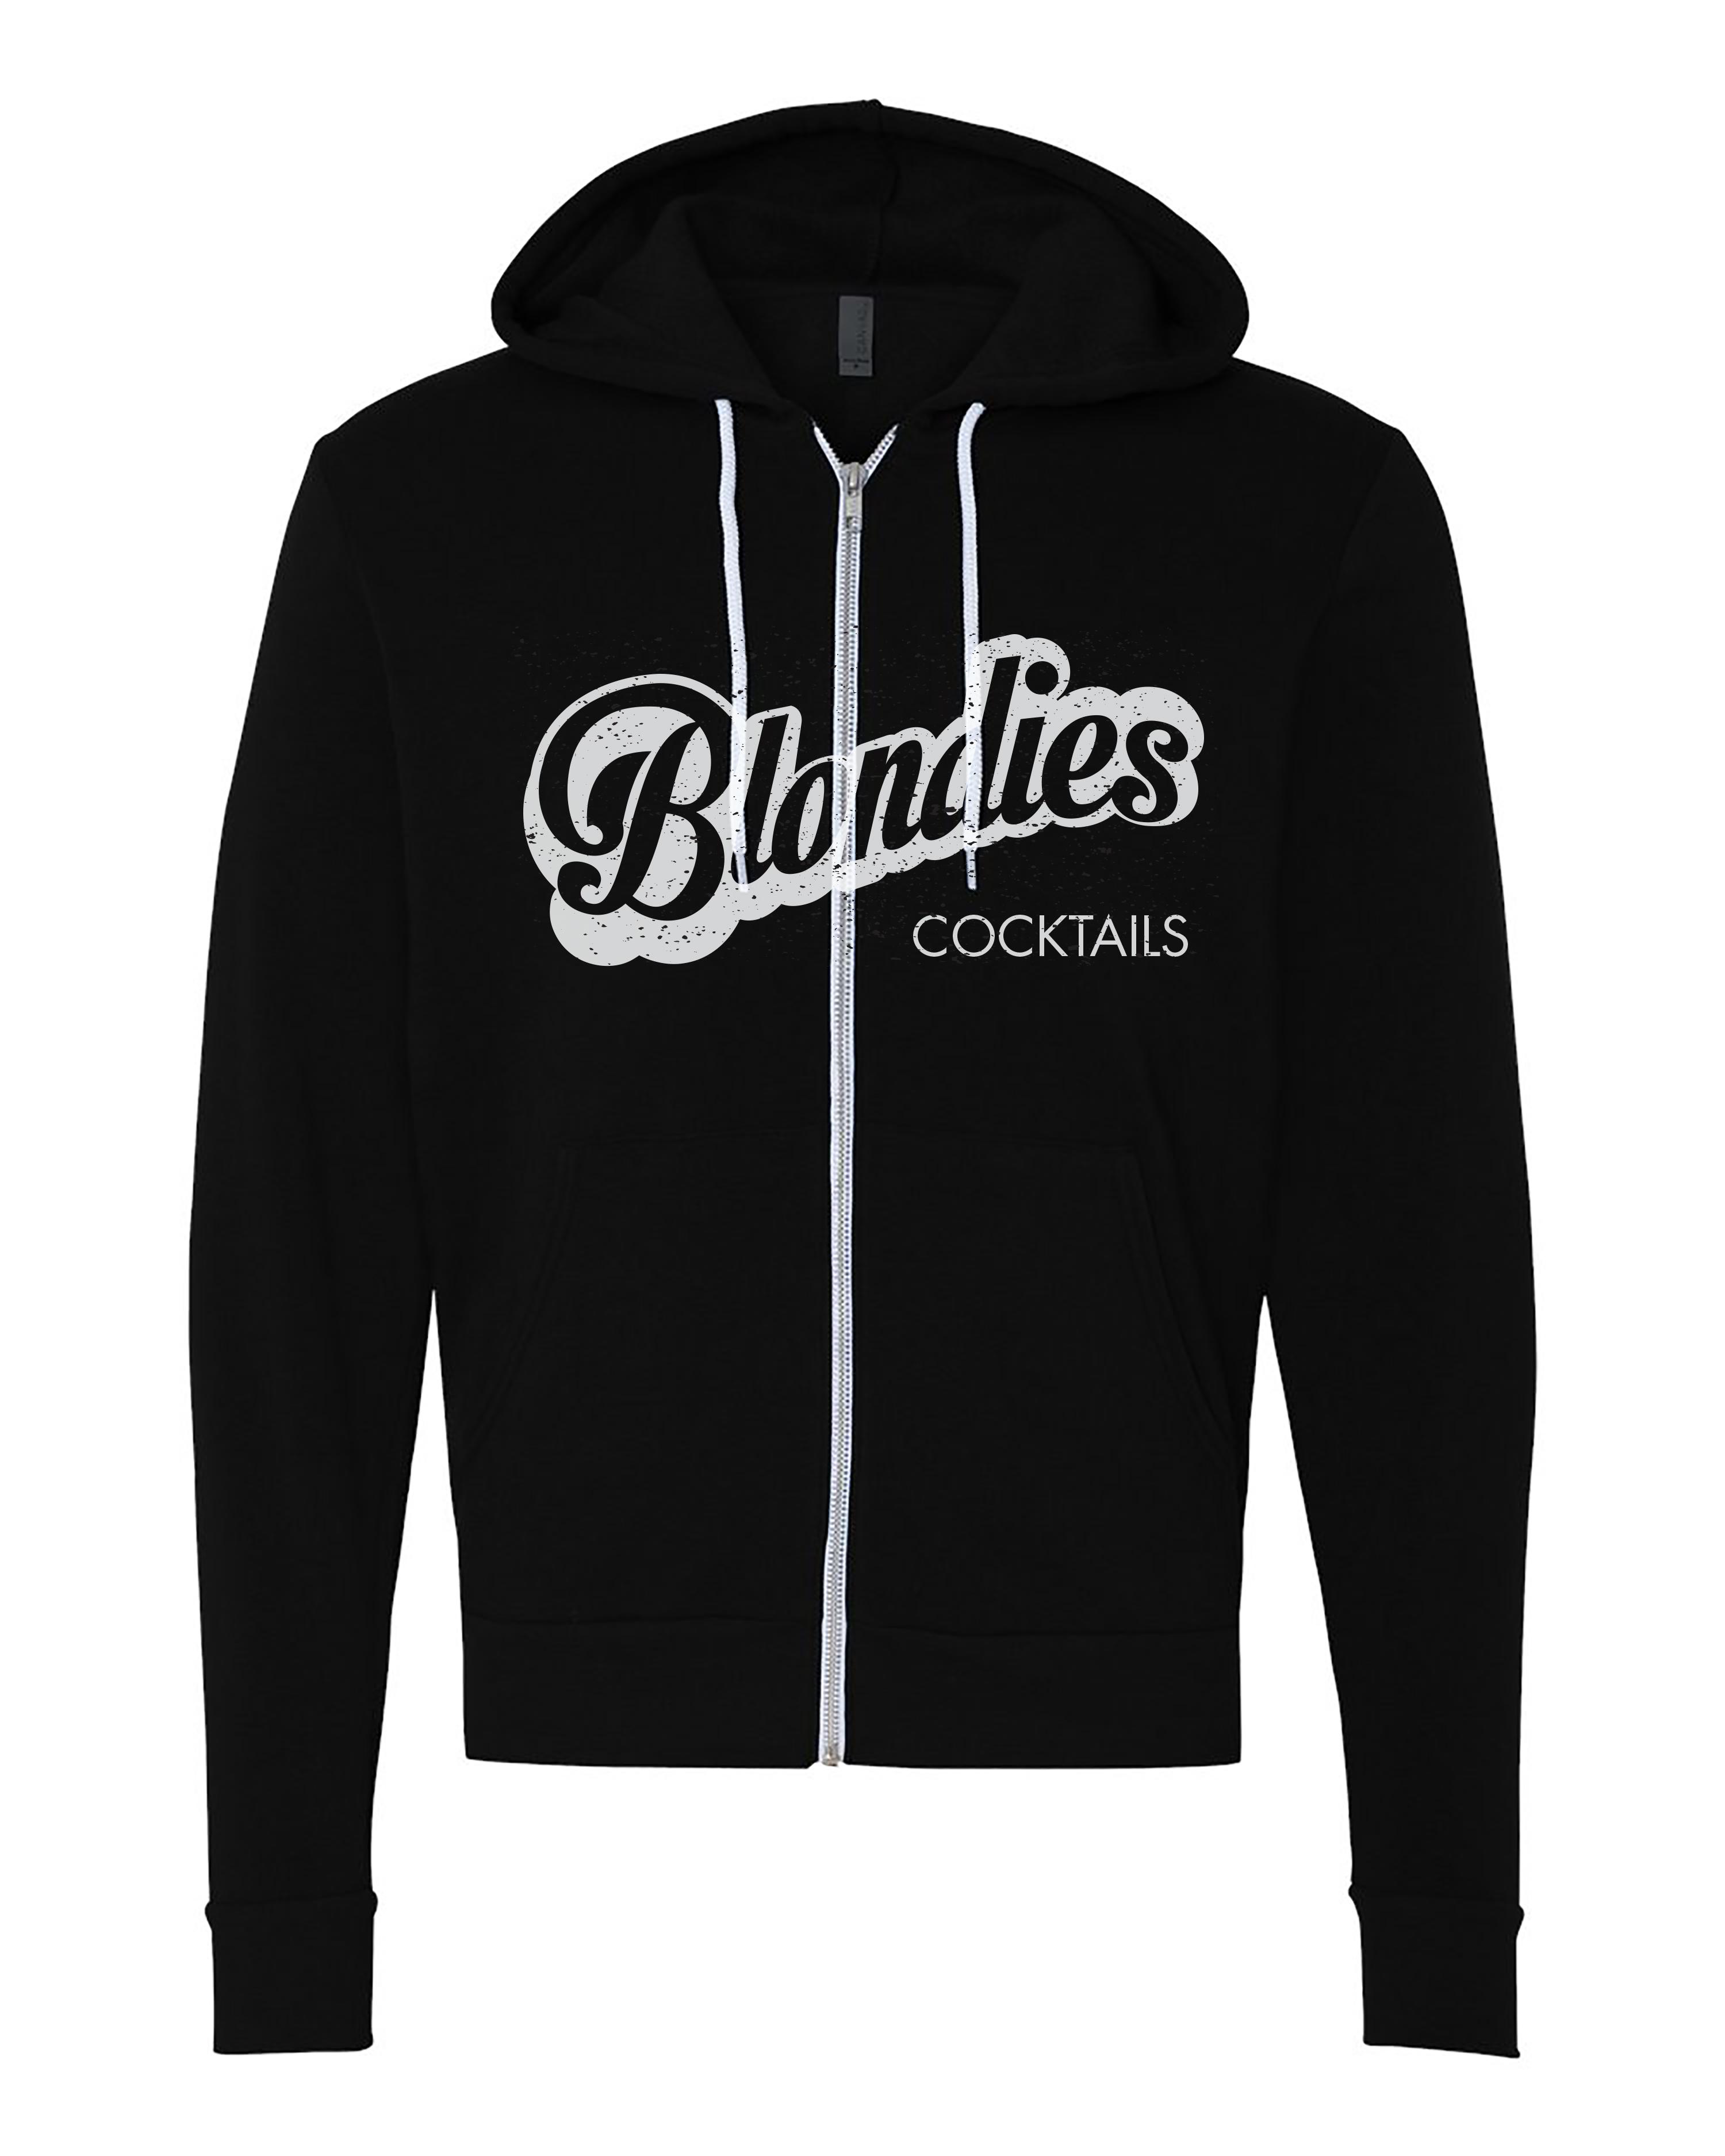 Ladies Full Zip Hooded Sweatshirt Black